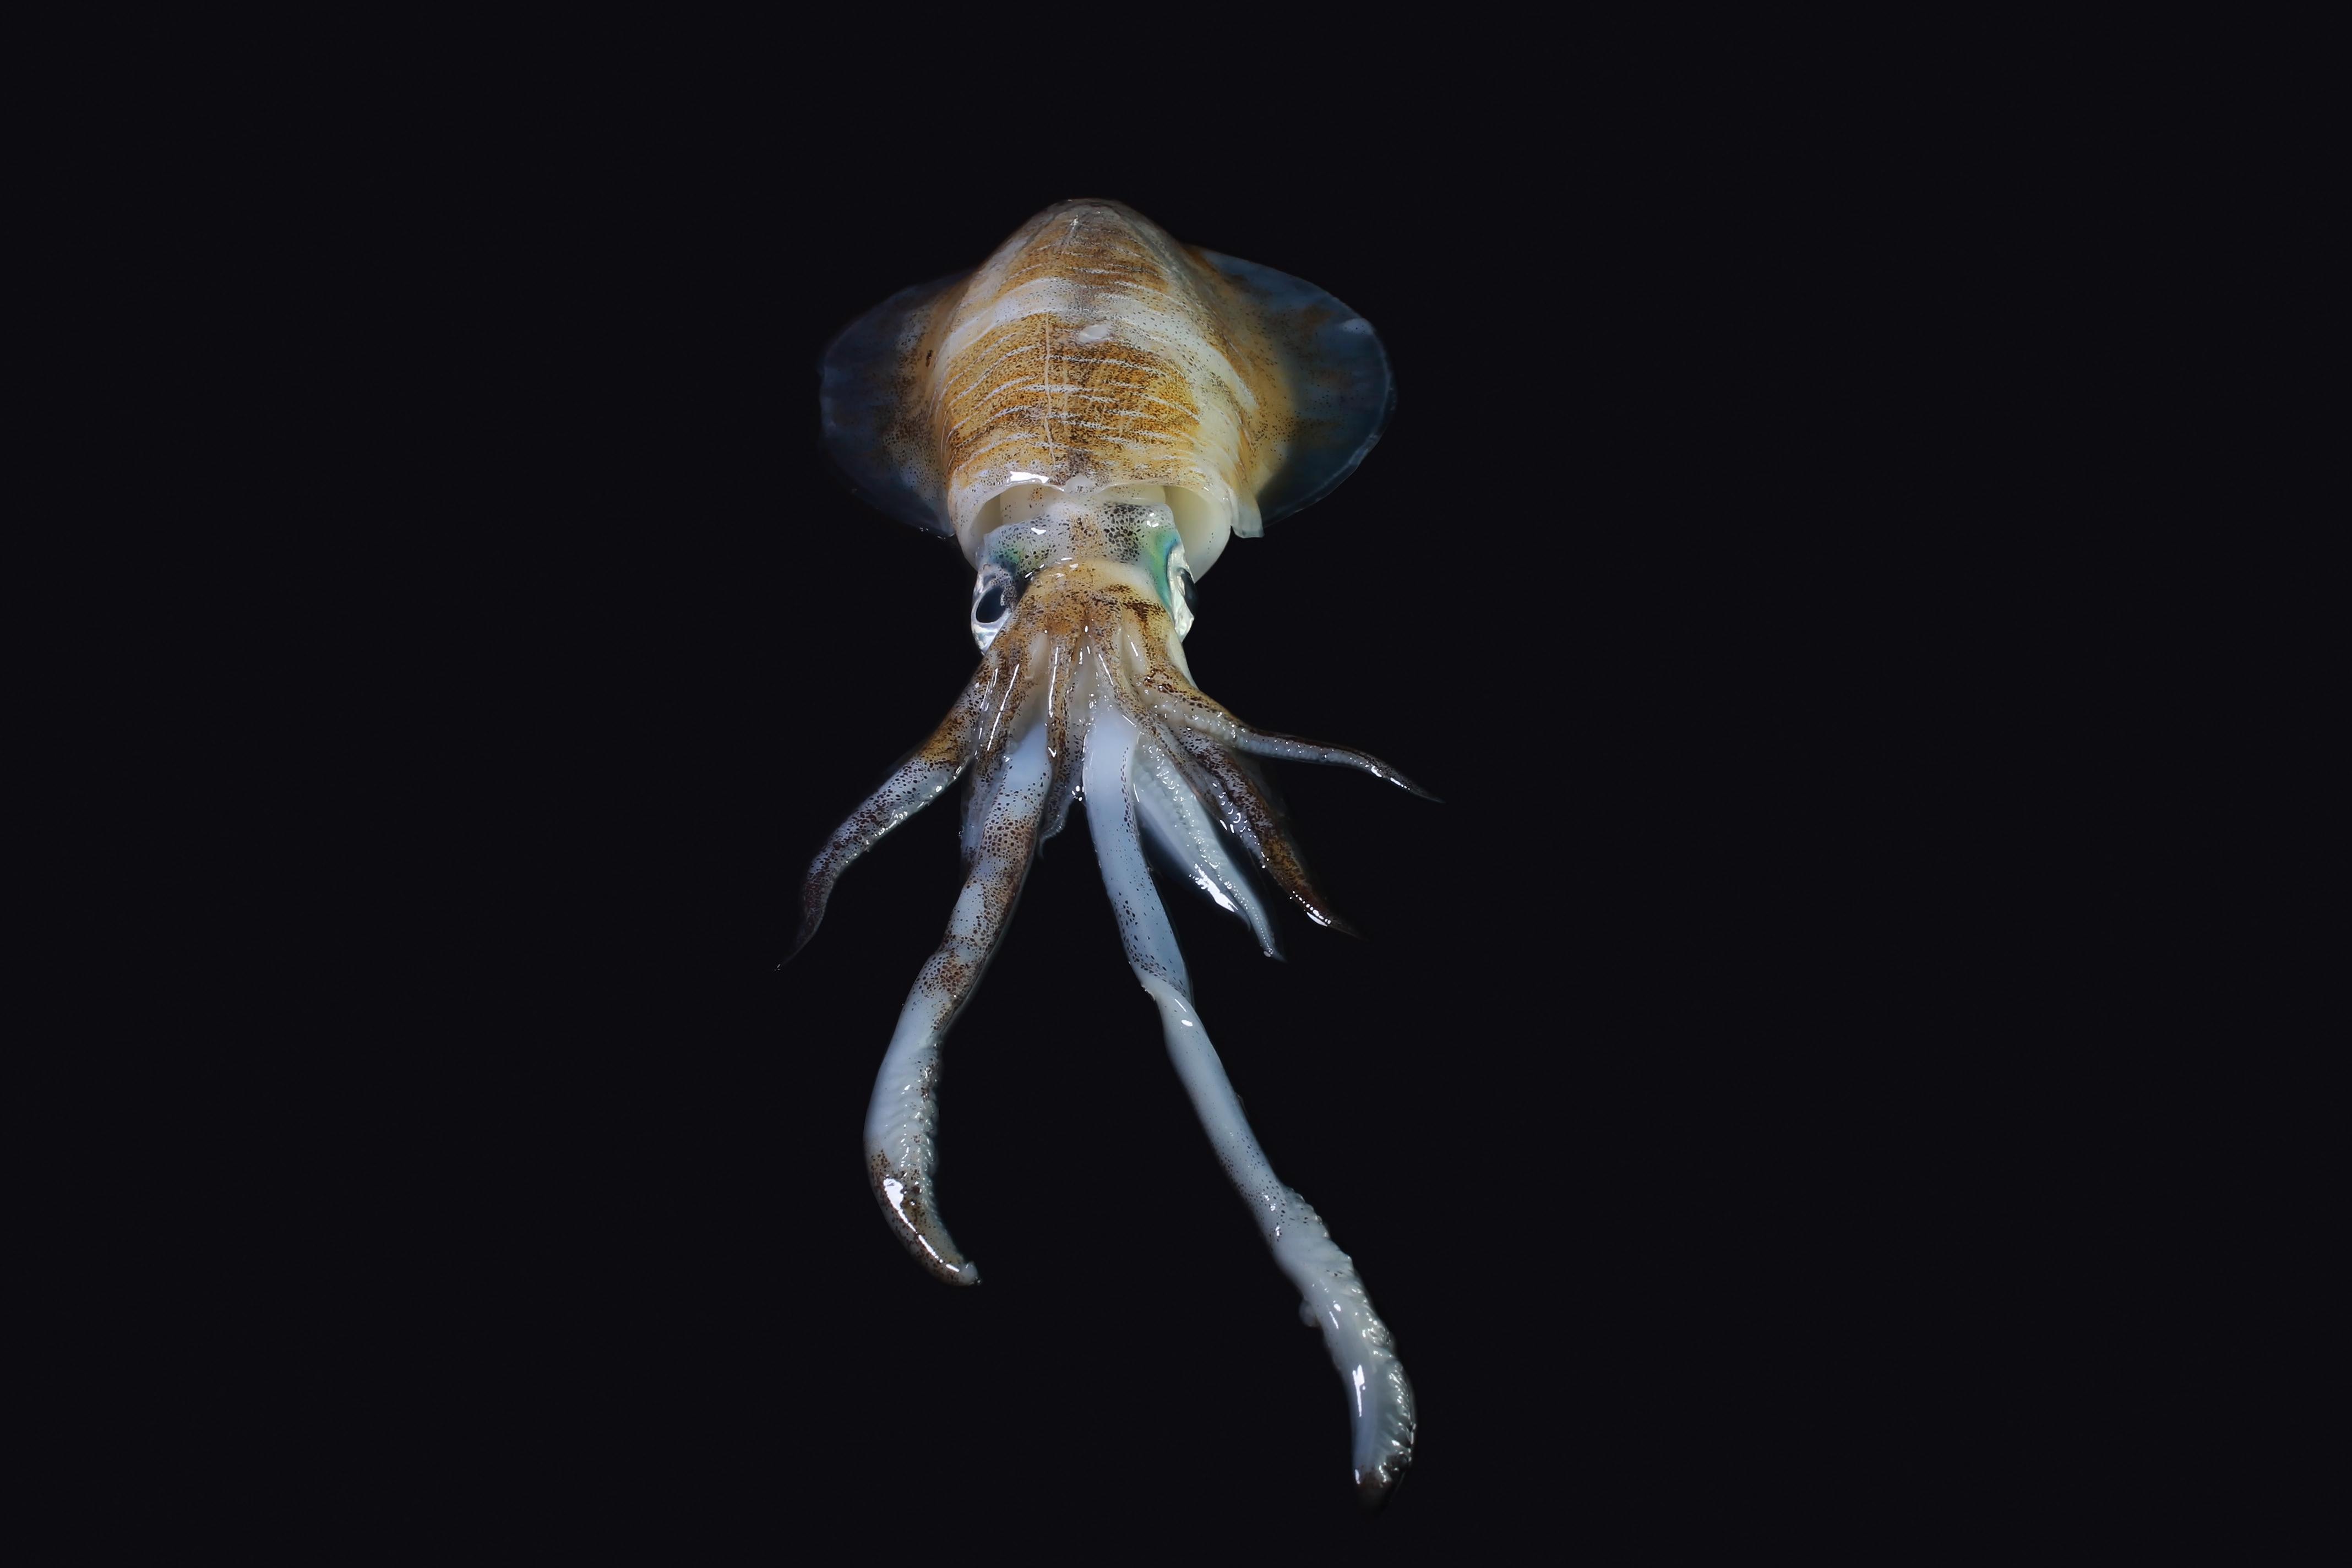 תמנוני ענק הופכים לקטנים יותר כדי להתאים את עצמם לאקלים המשתנה